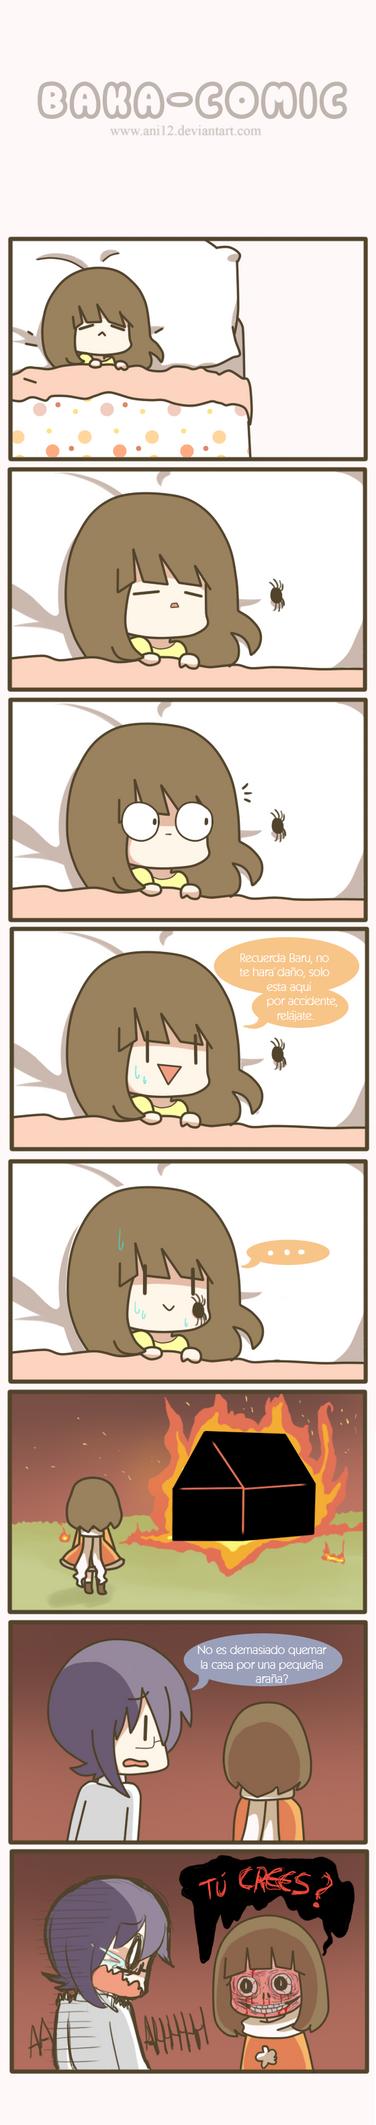 Baka-Comic 27 by ani12